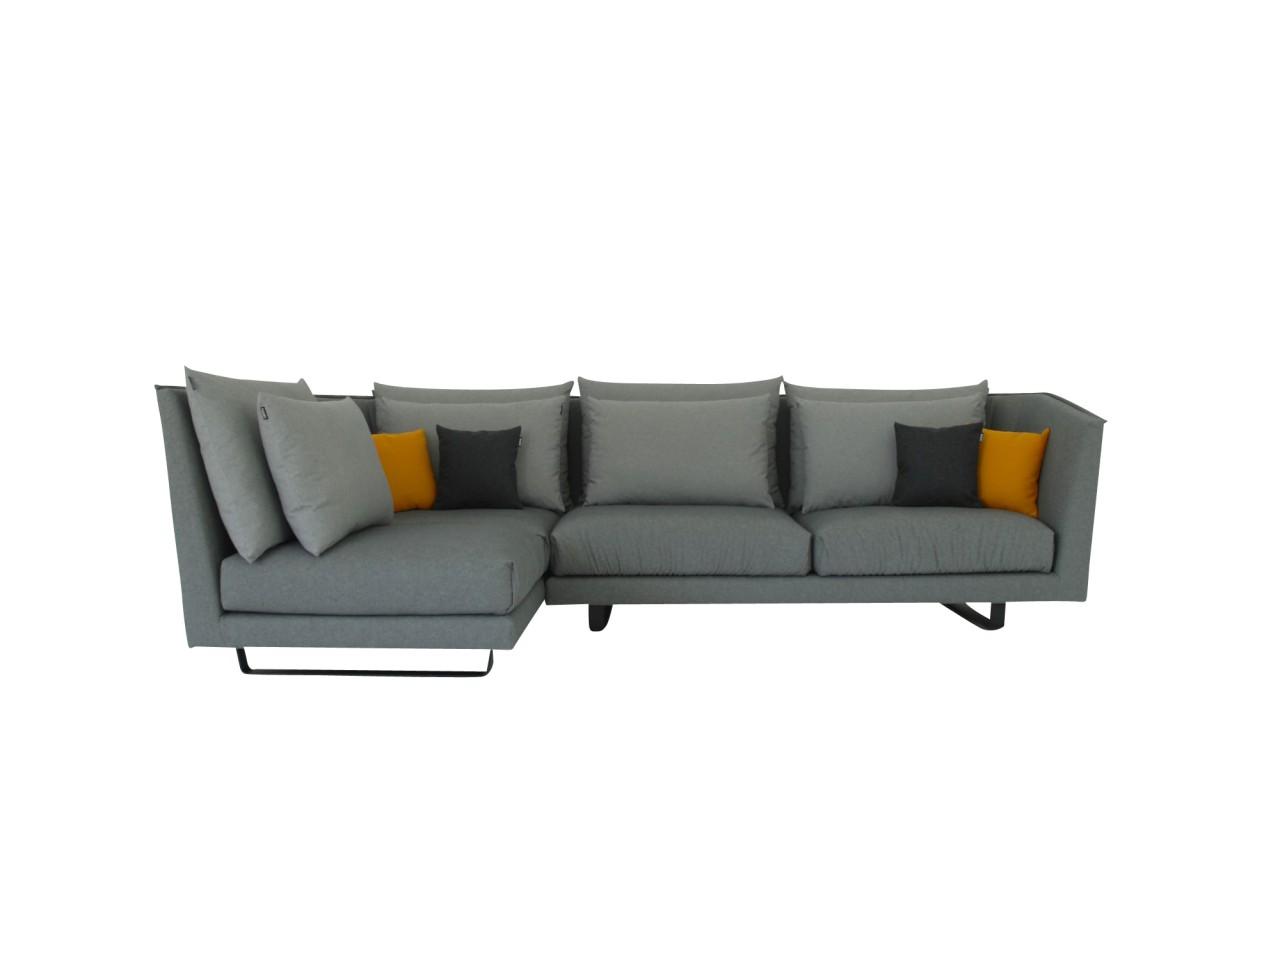 freistil 169 Rolf Benz Lounge Sofa in grauen Stoff mit vielen Kissen